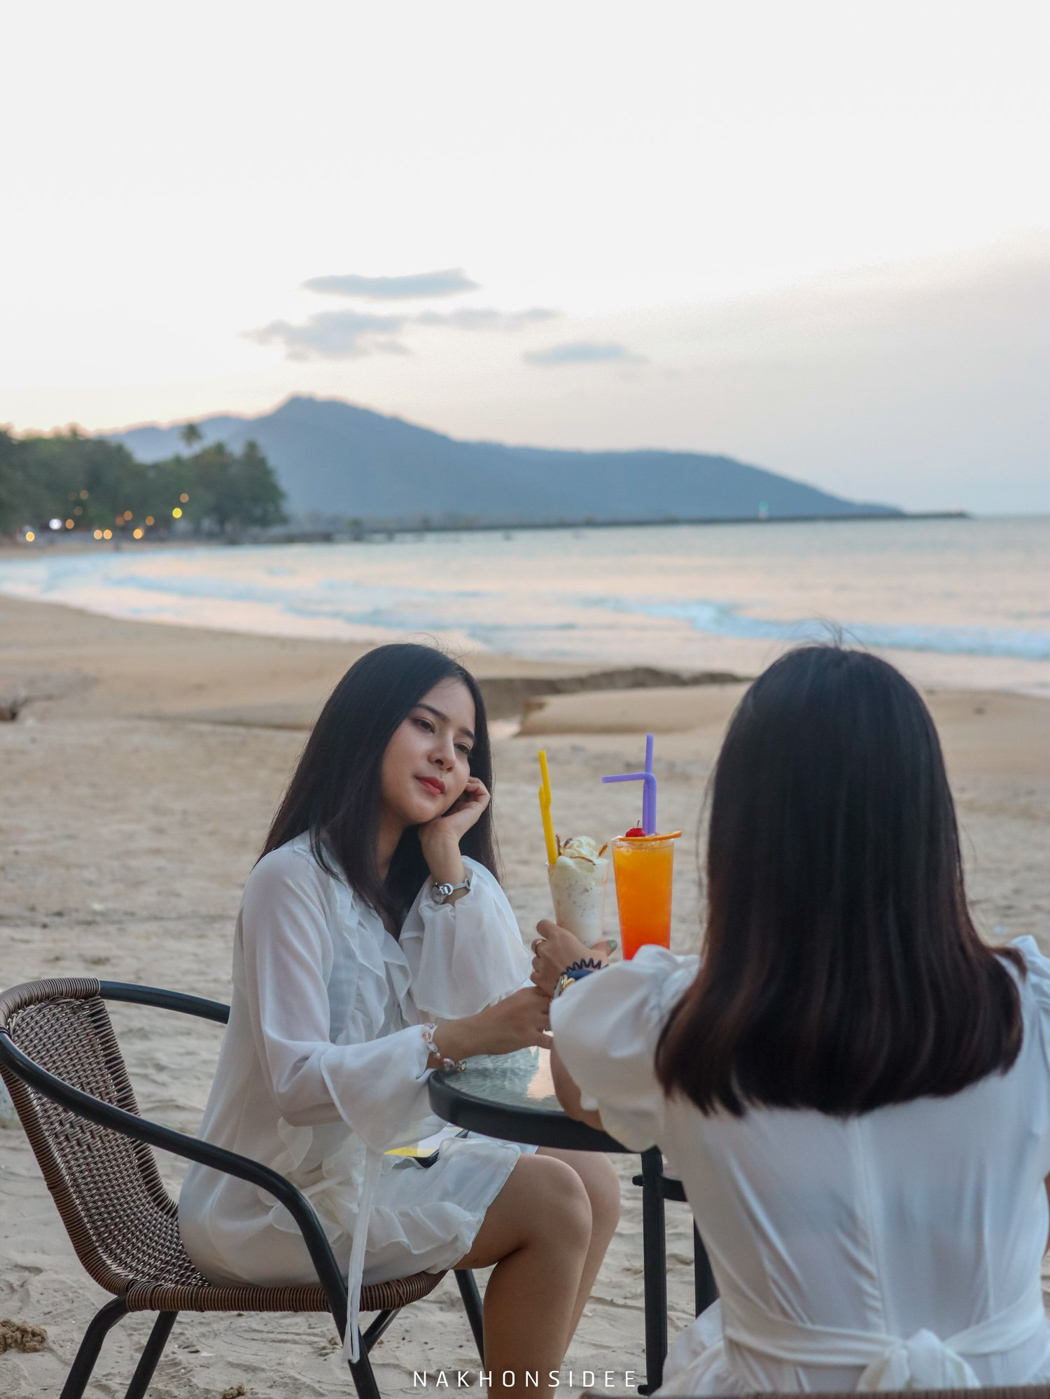 นั่งชิวๆ-กับเพื่อนรู้ใจหน้าหาด  อ่าวสิชล,ซีฟู๊ด,ของกิน,ร้านอาหารทะเล,ริมทะเล,สิชล